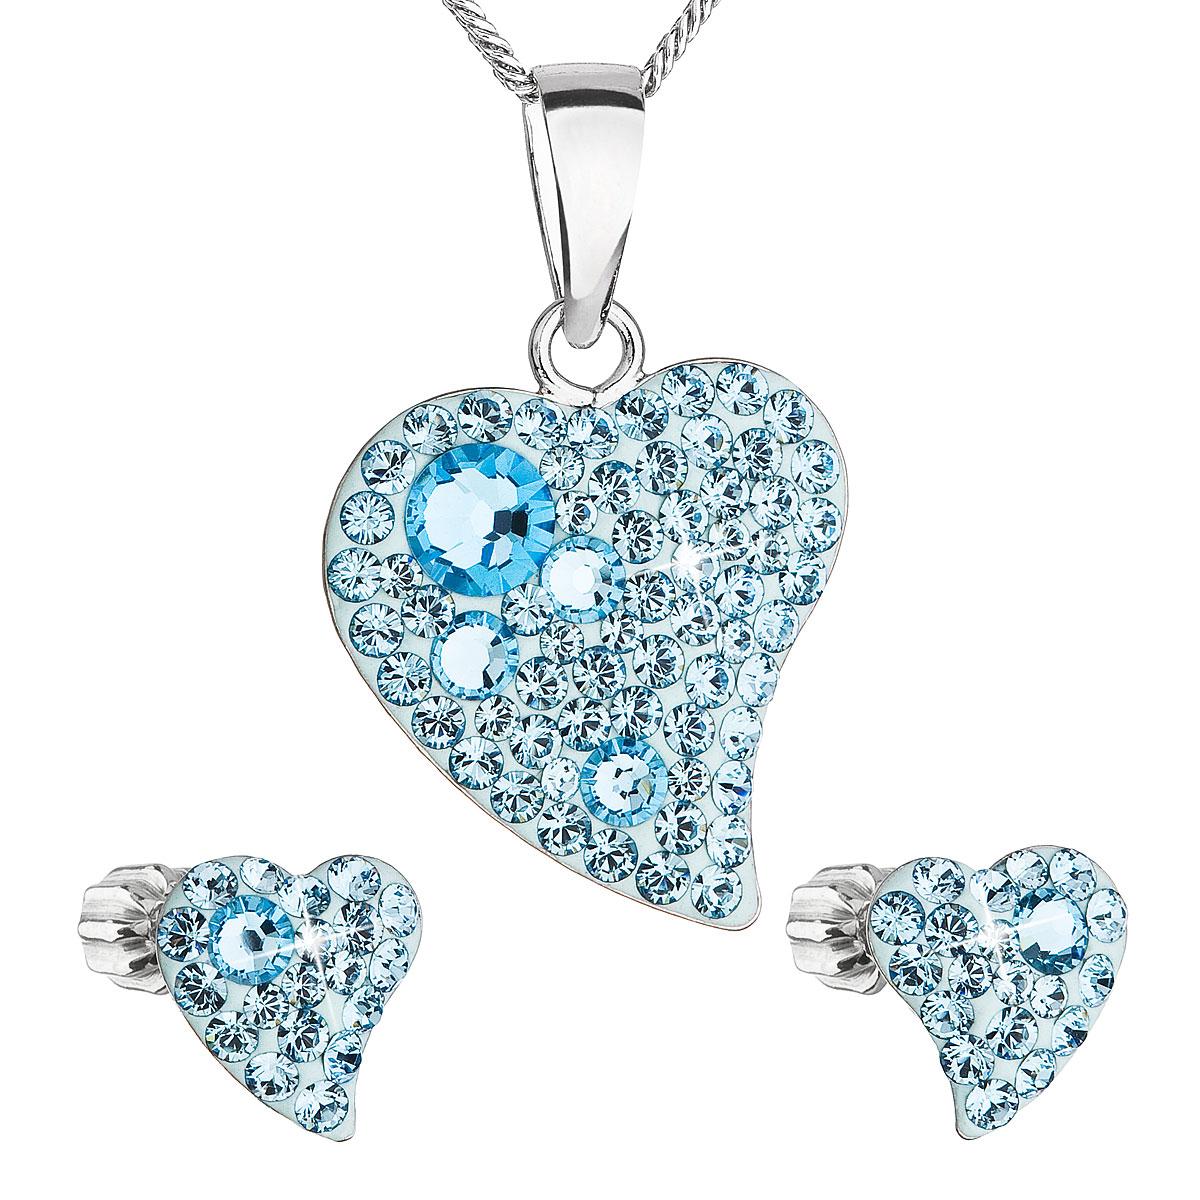 Sada šperkov s krištálmi Swarovski náušnice,retiazka a prívesok modrá srdce 39170.3